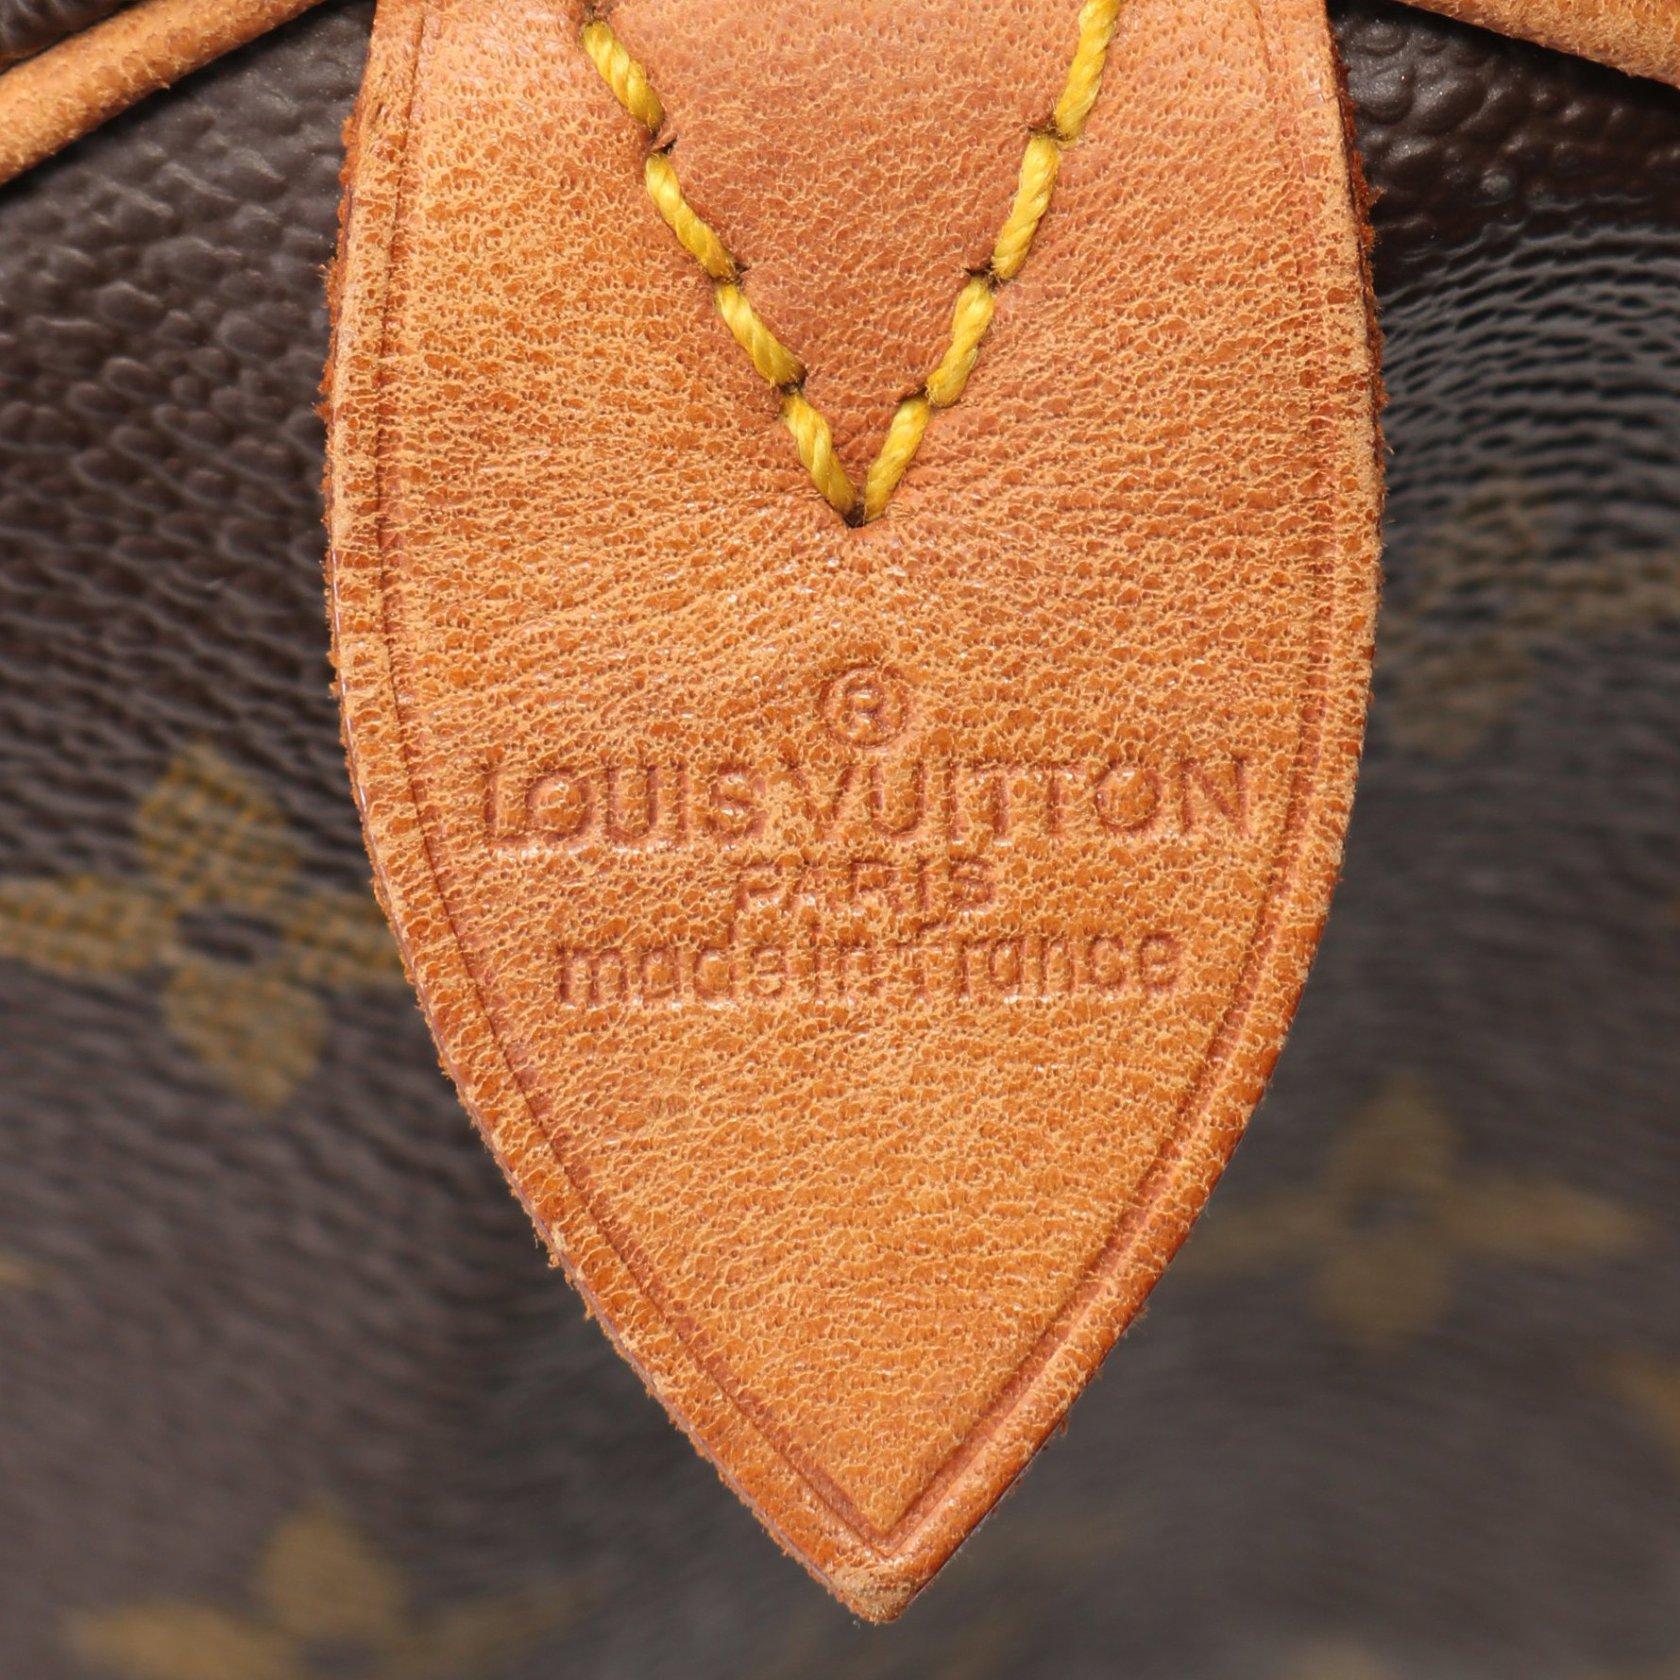 LOUIS VUITTON・バッグ・スピーディ35 モノグラム ハンドバッグ PVC レザー ブラウン